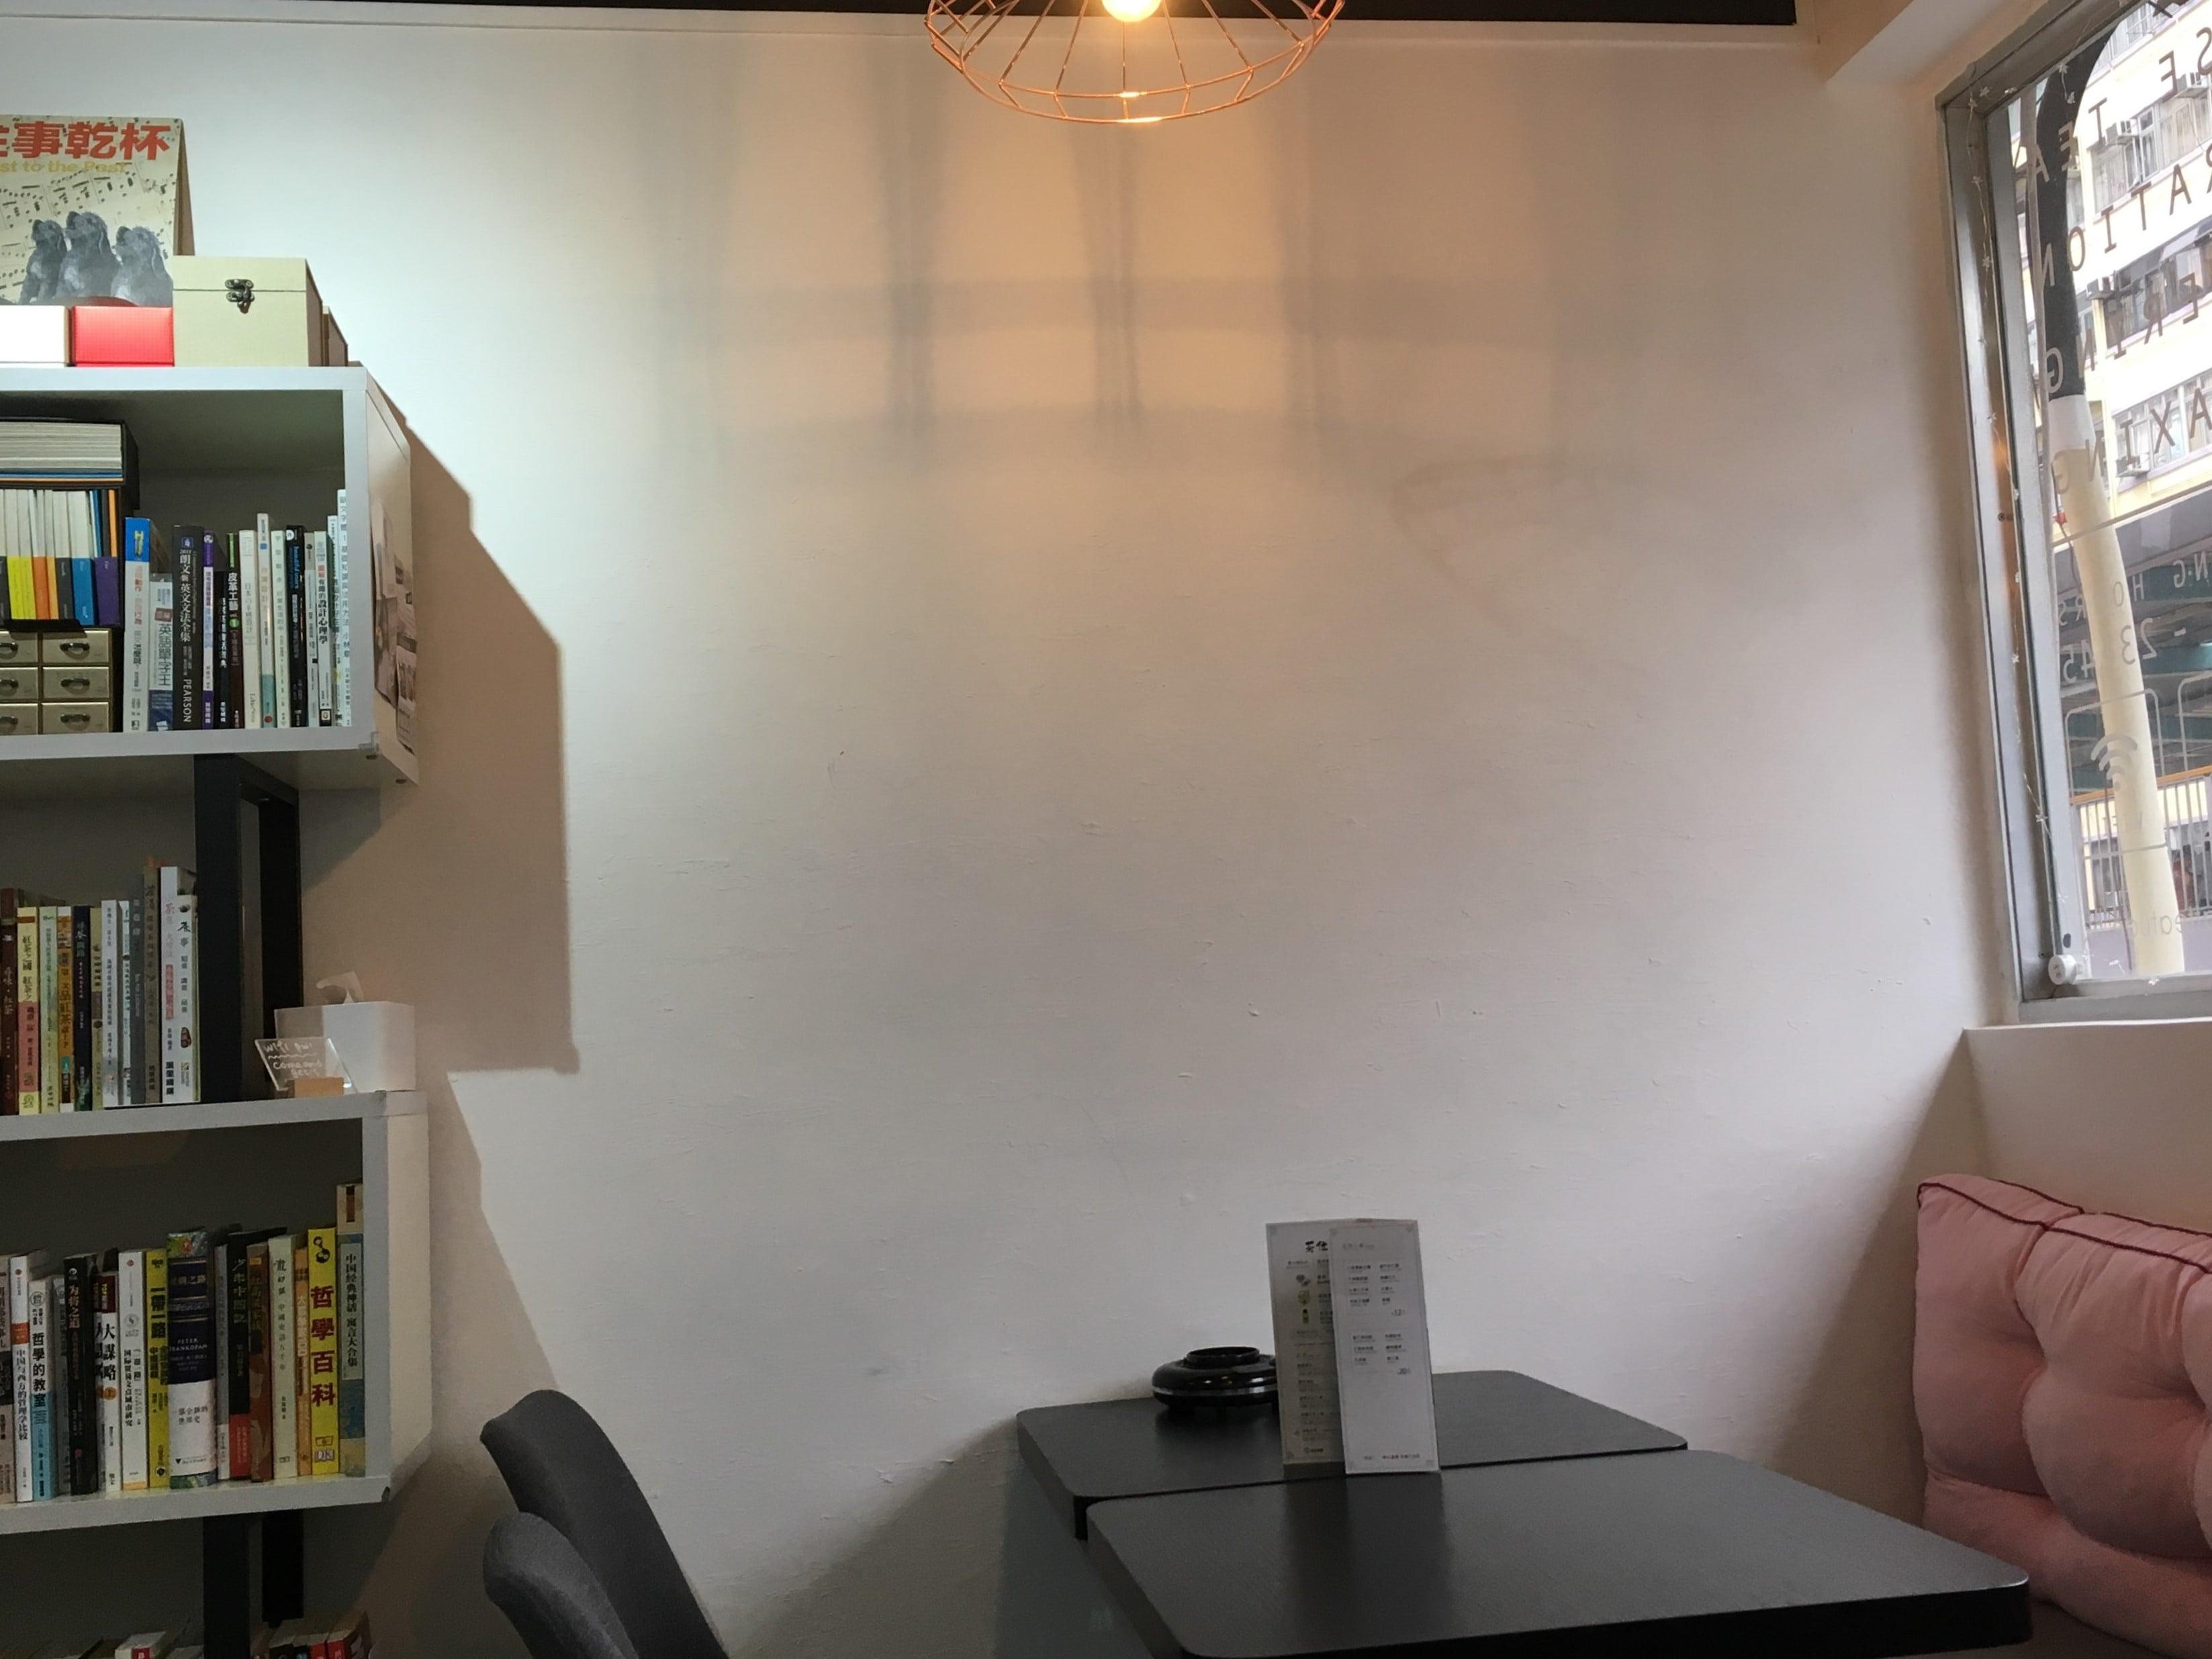 Atteatude_Bookshelves_TeaVoyages